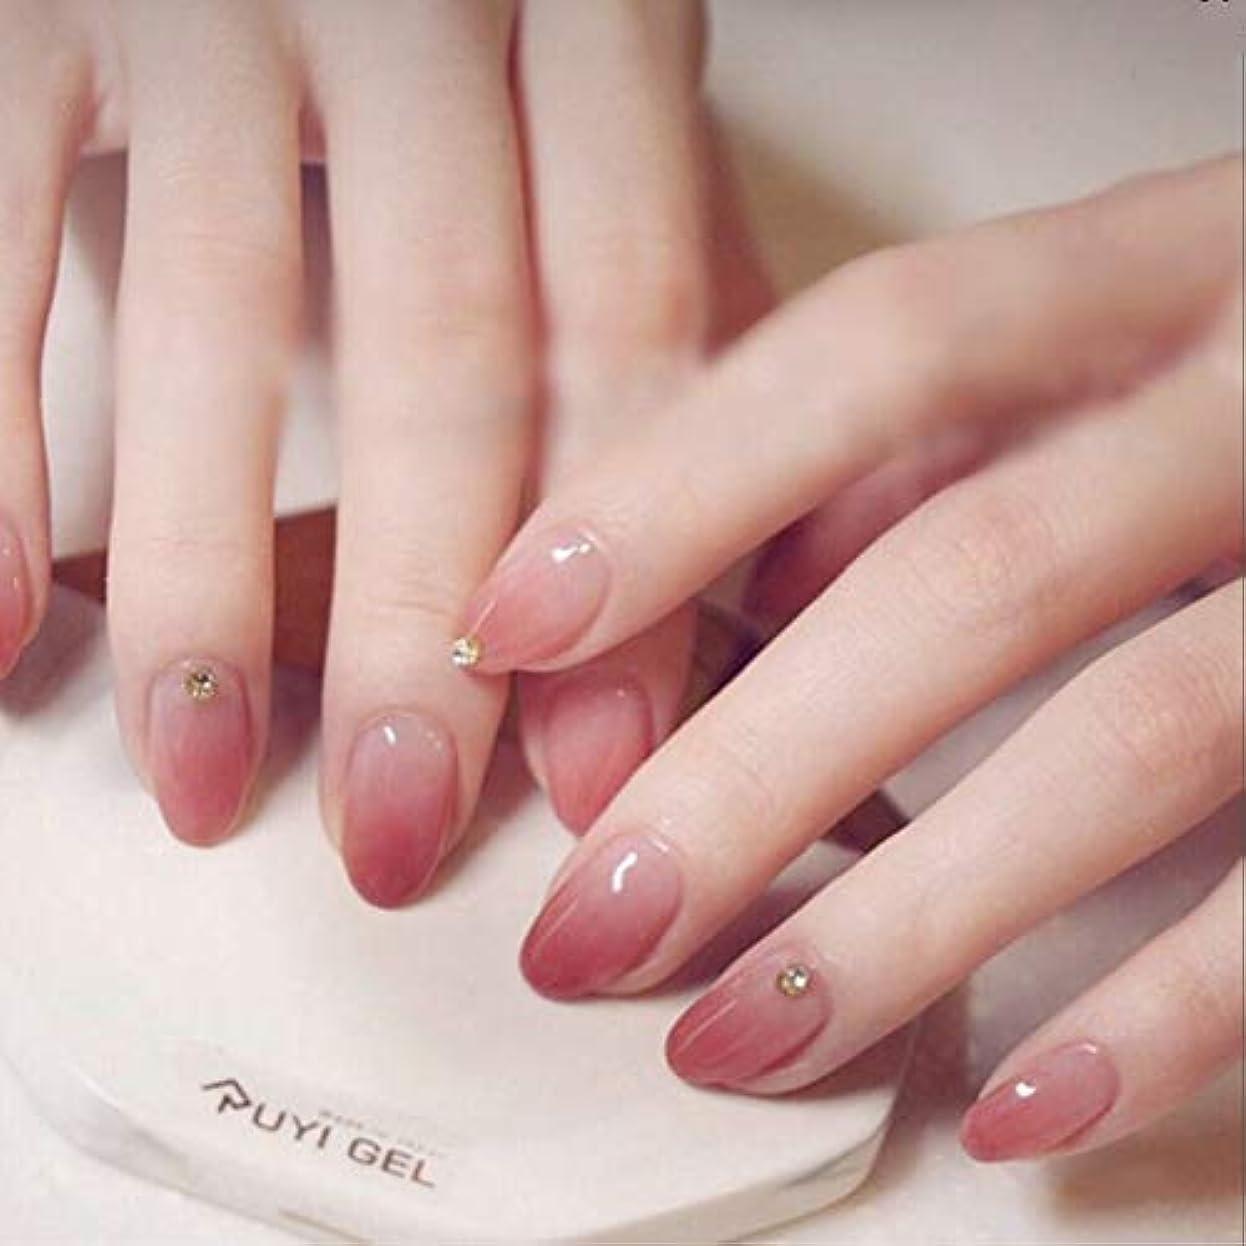 中止します仕立て屋急性XUTXZKA 24ピース偽爪フルカバー人工レッドチェリー偽爪プレスの爪のヒント短いネイルアートステッカー